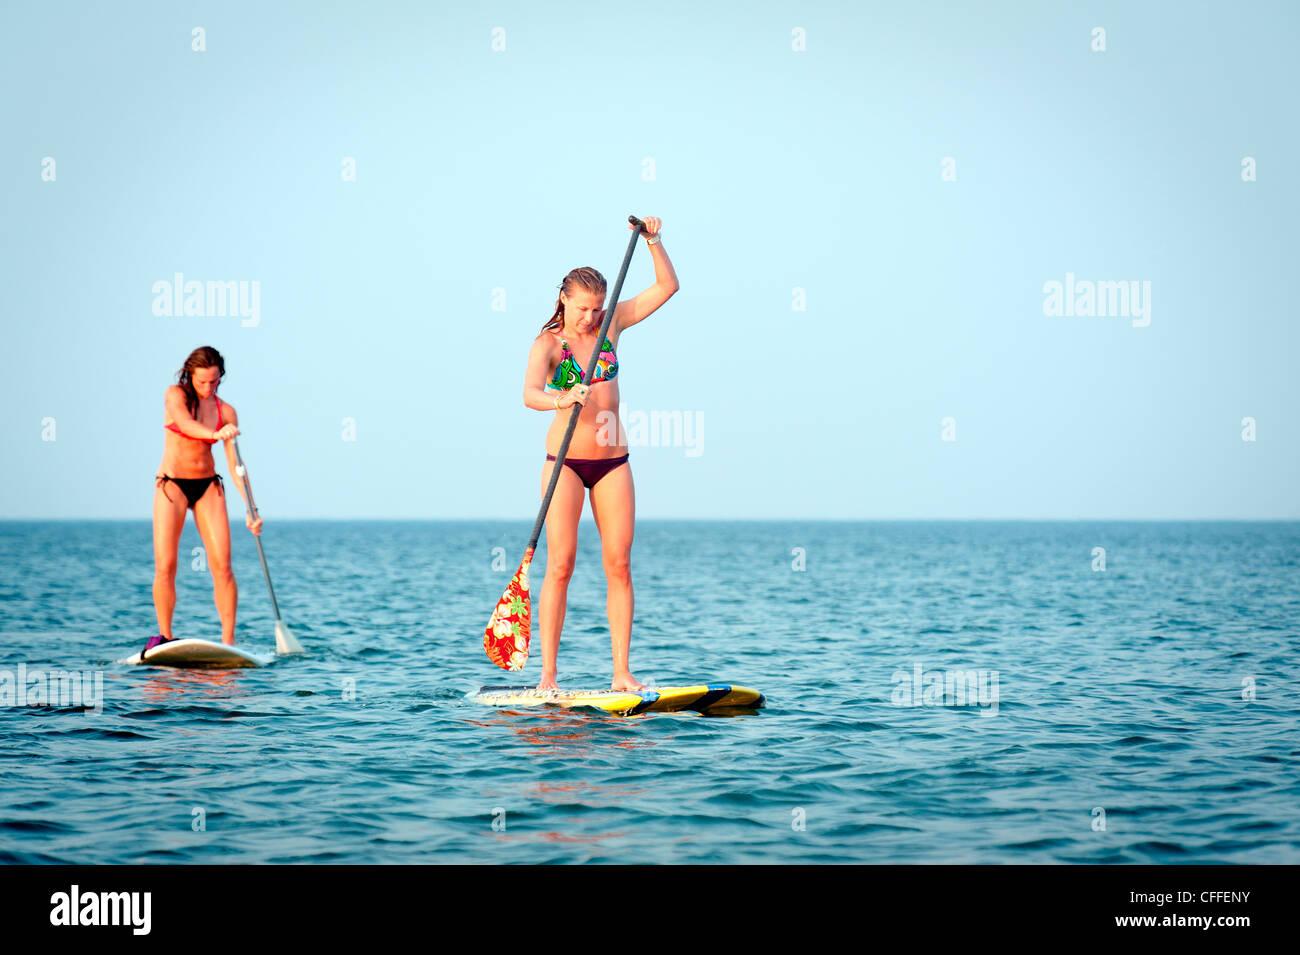 Deux femmes stand up paddle board par la côte. Photo Stock